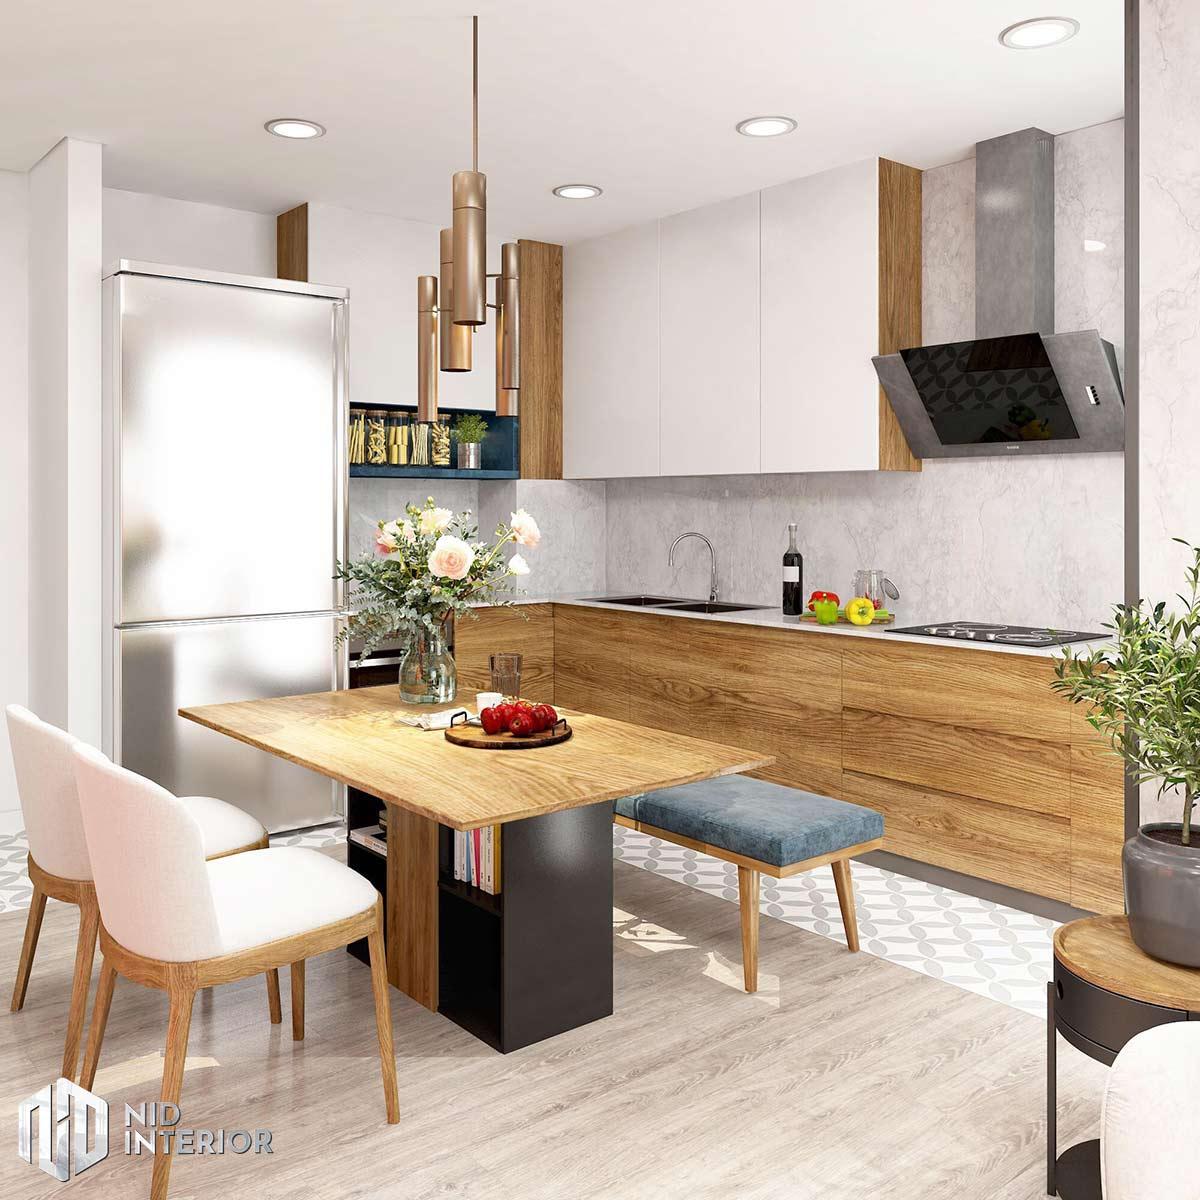 Thiết kế nội thất căn hộ Palm Heights - Khu bàn ăn và bếp